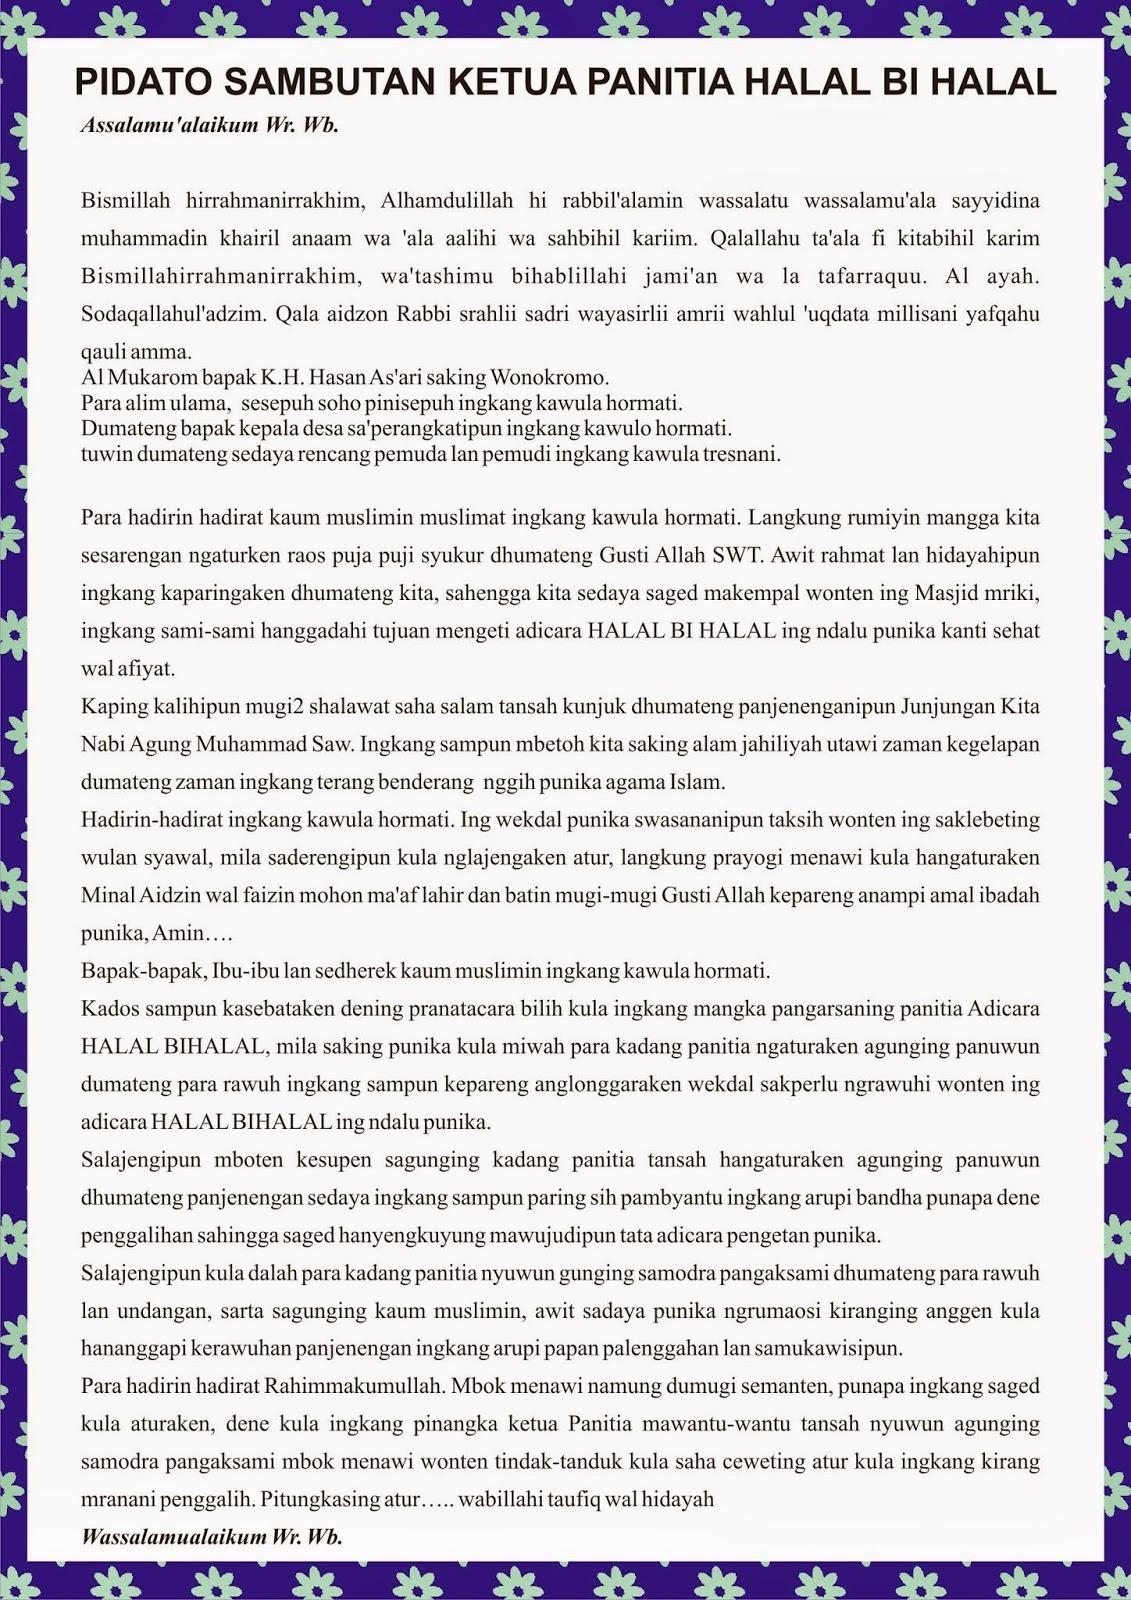 naskah-sesorah-bahasa-jawa-pada-acara-keagamaan